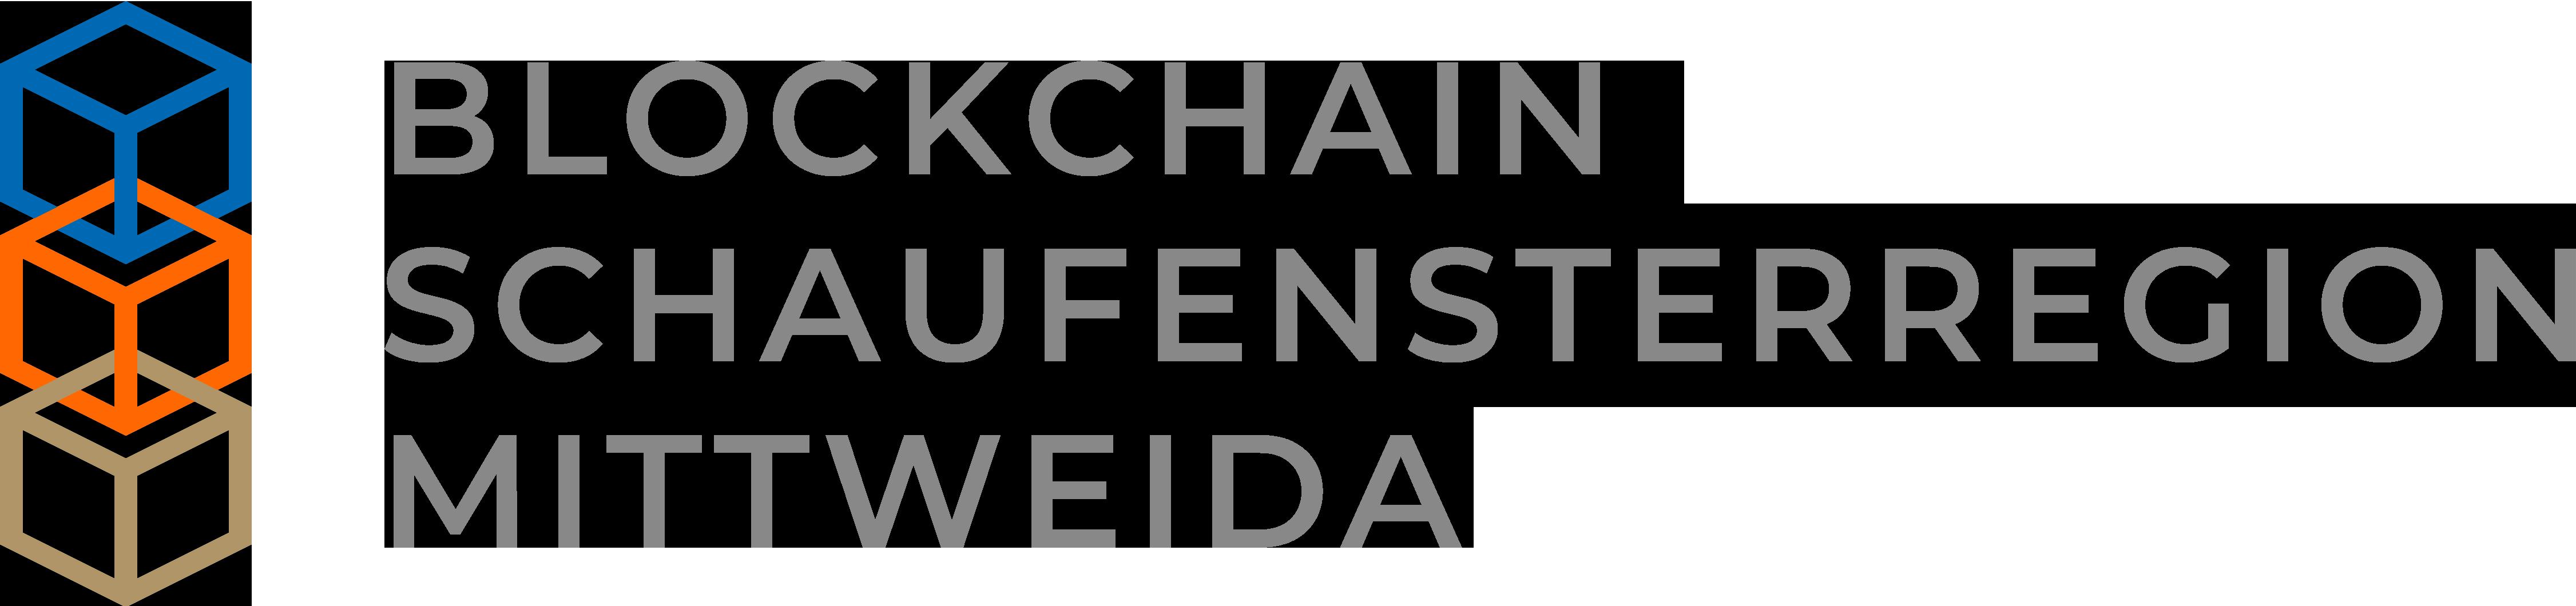 Blockchain-Schaufensterregion Mittweida